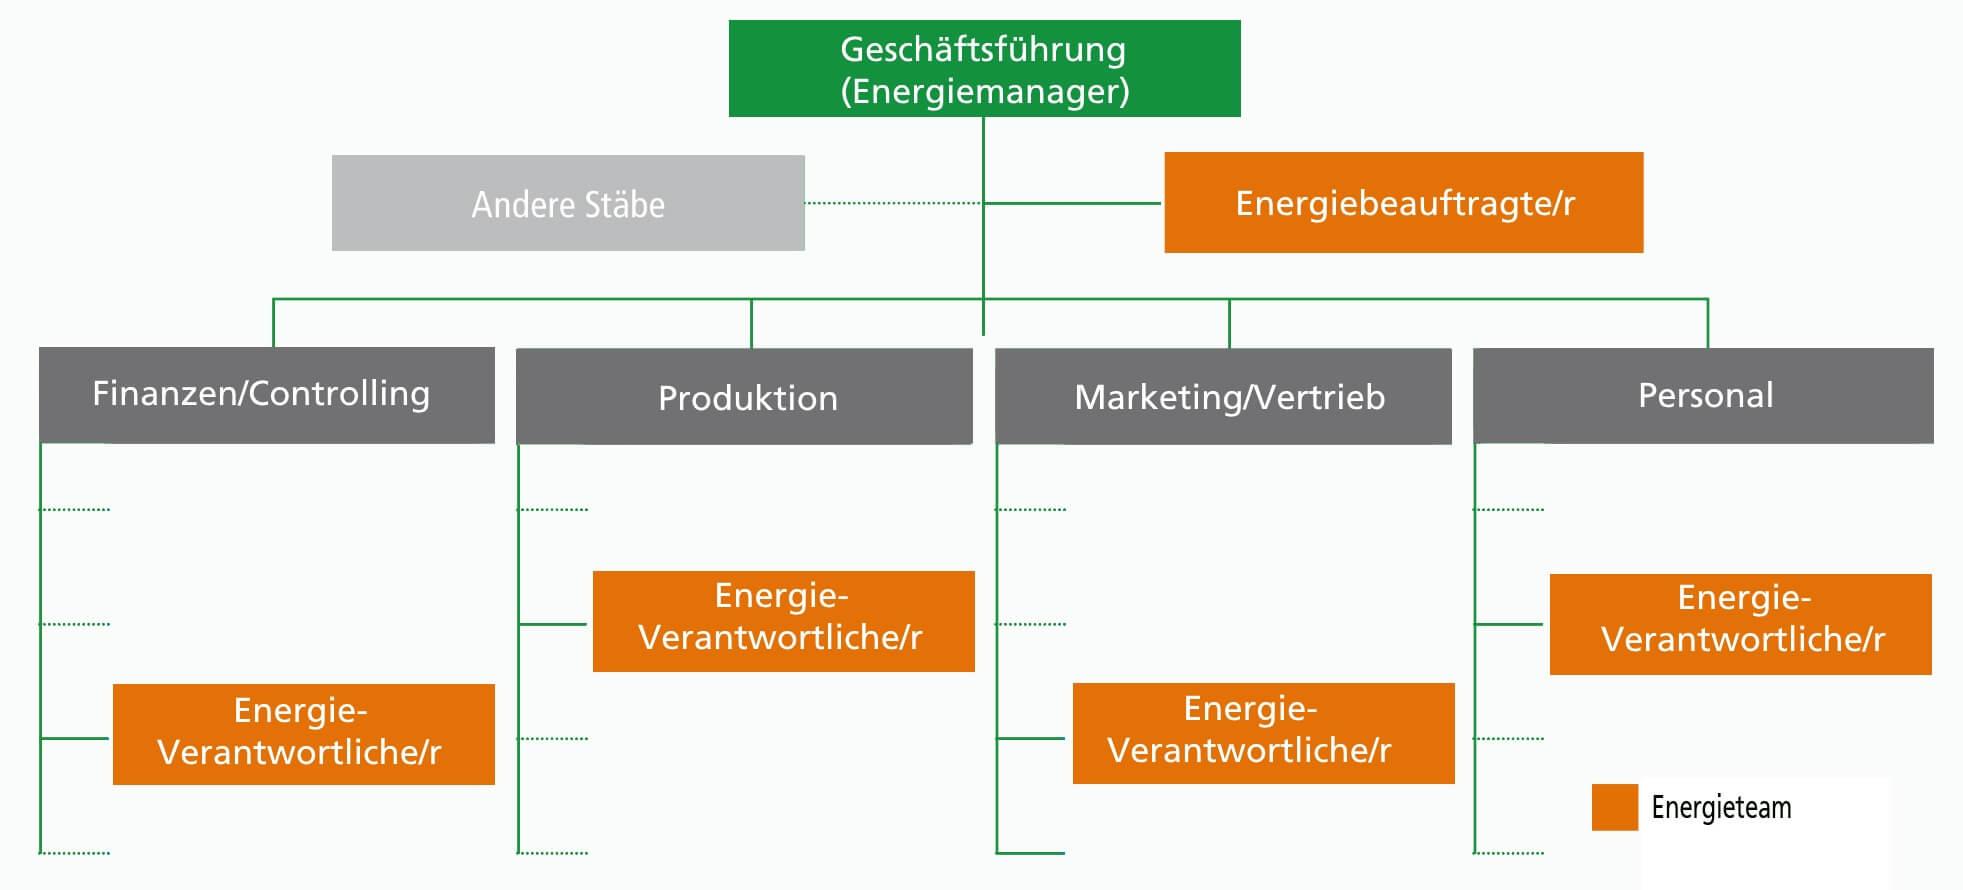 aussergerichtliche-mediation.de